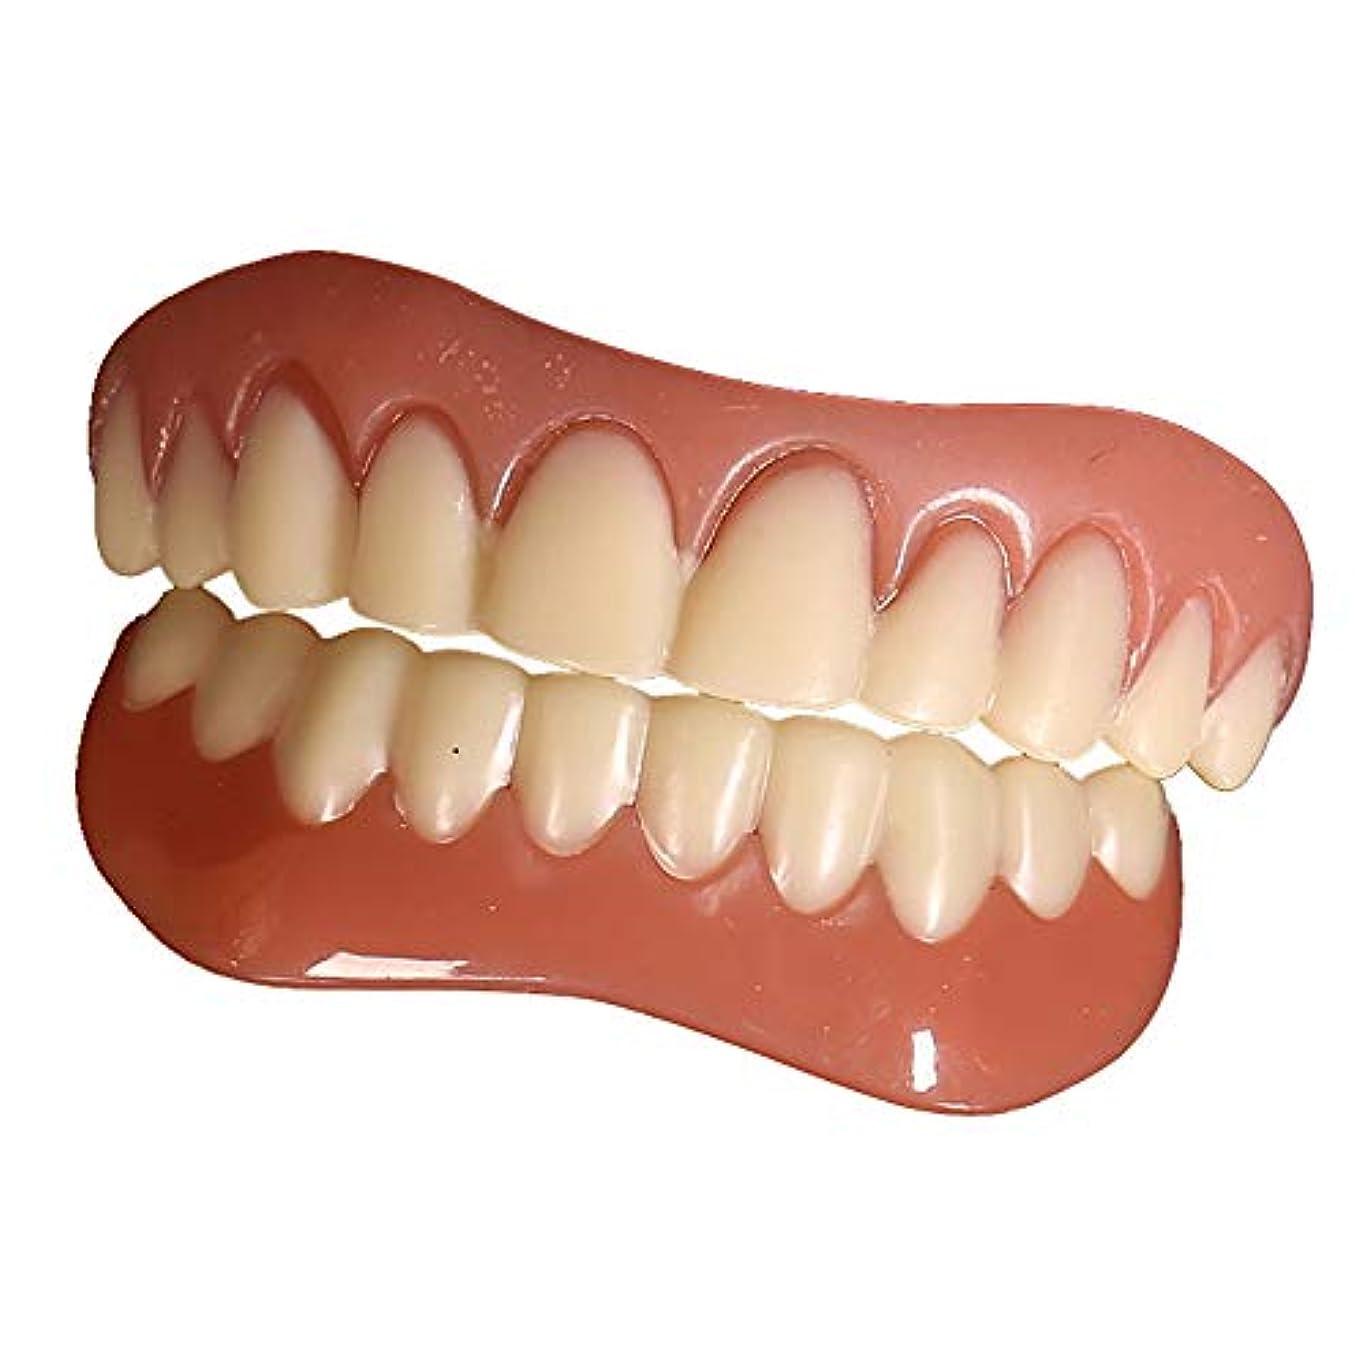 爆発候補者ズームインするパーフェクトインスタントスマイルティースベニヤインスタントビューティー2本入れ歯2本下歯(フリーサイズ(中))